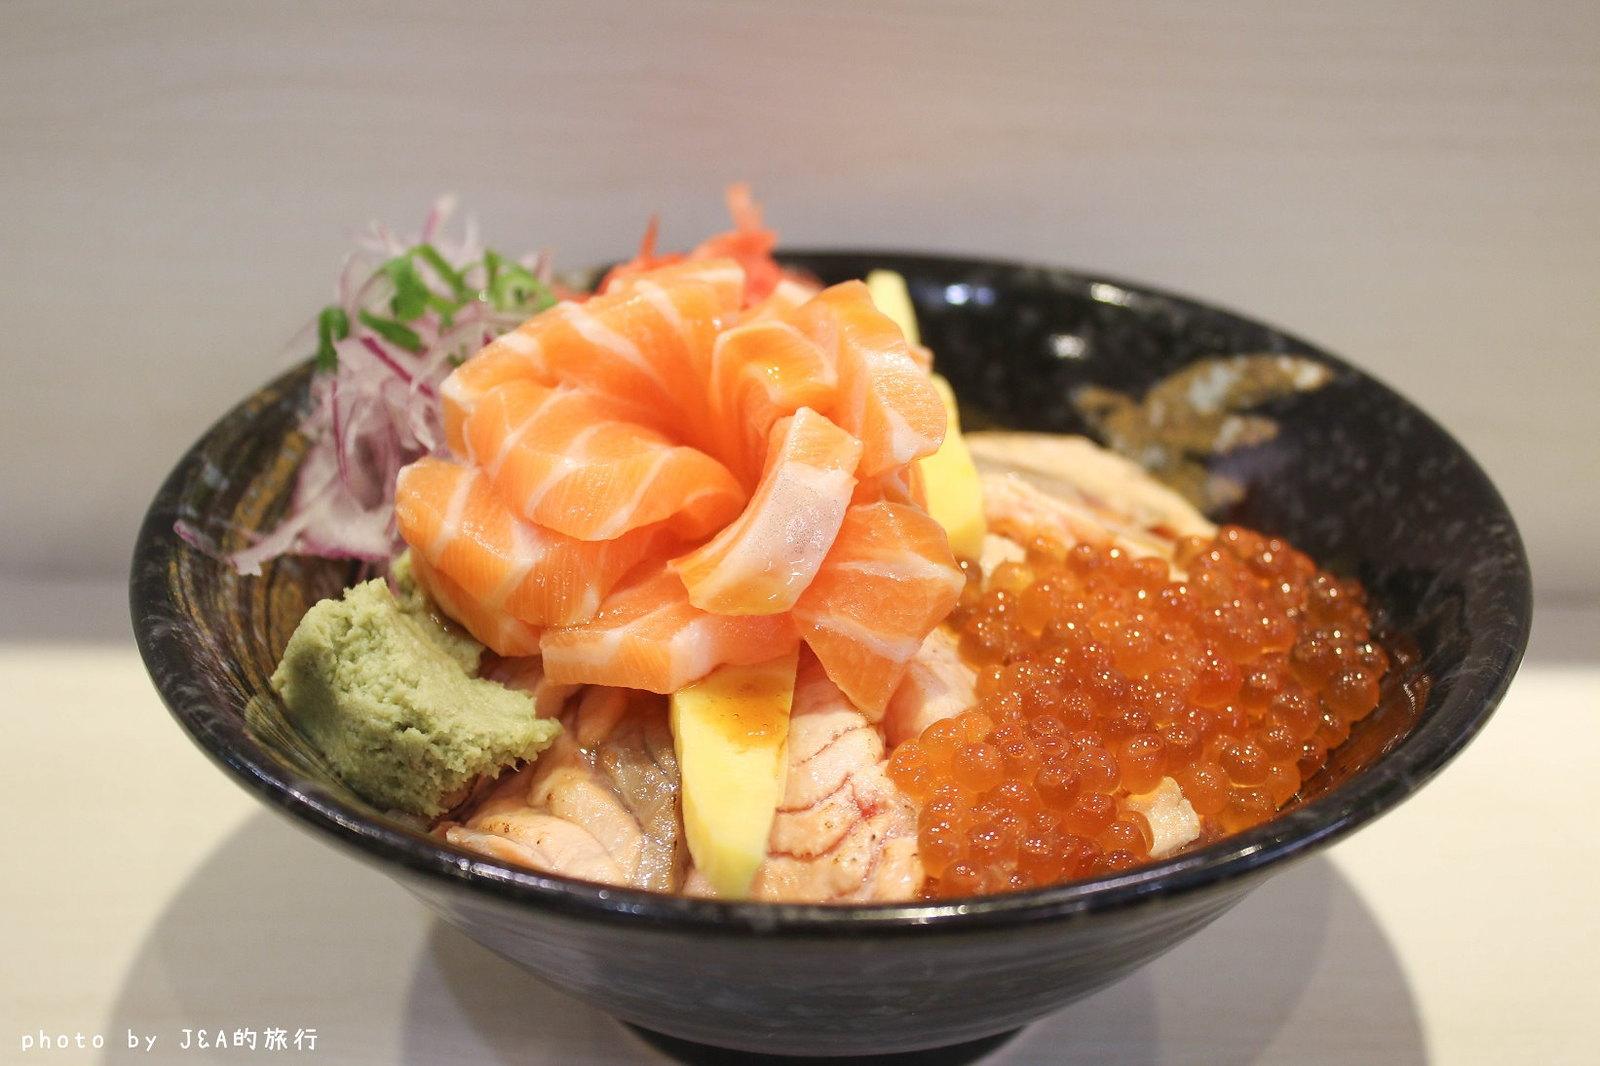 最新推播訊息:朝鑫壽司 有如玫瑰花綻放的鮭魚親子丼超吸睛!